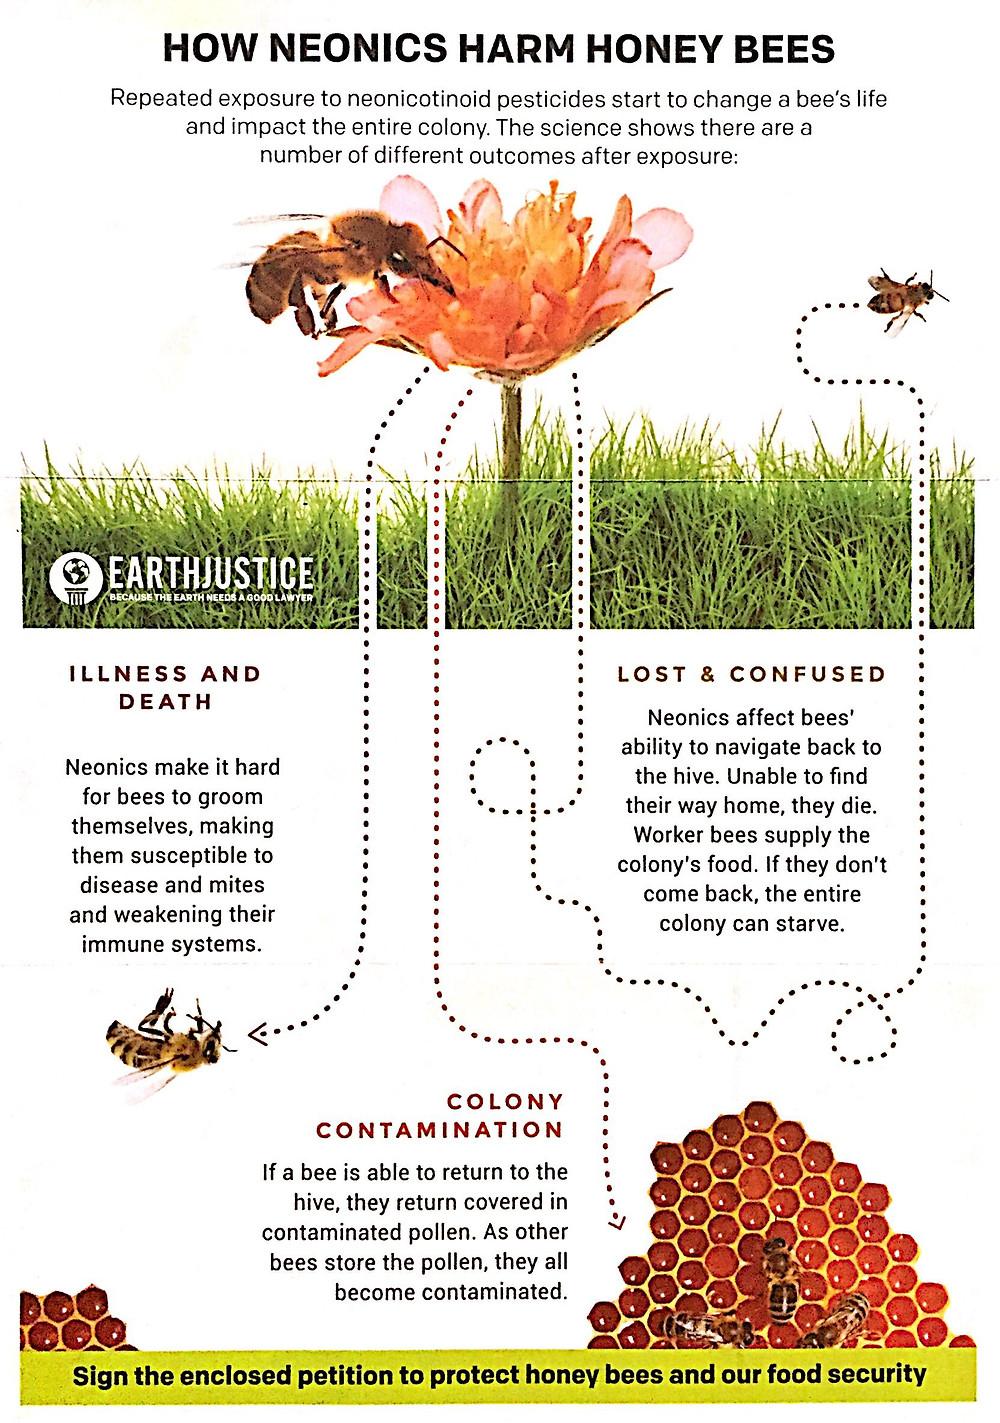 How Neonics Harm Honey Bees Infographic